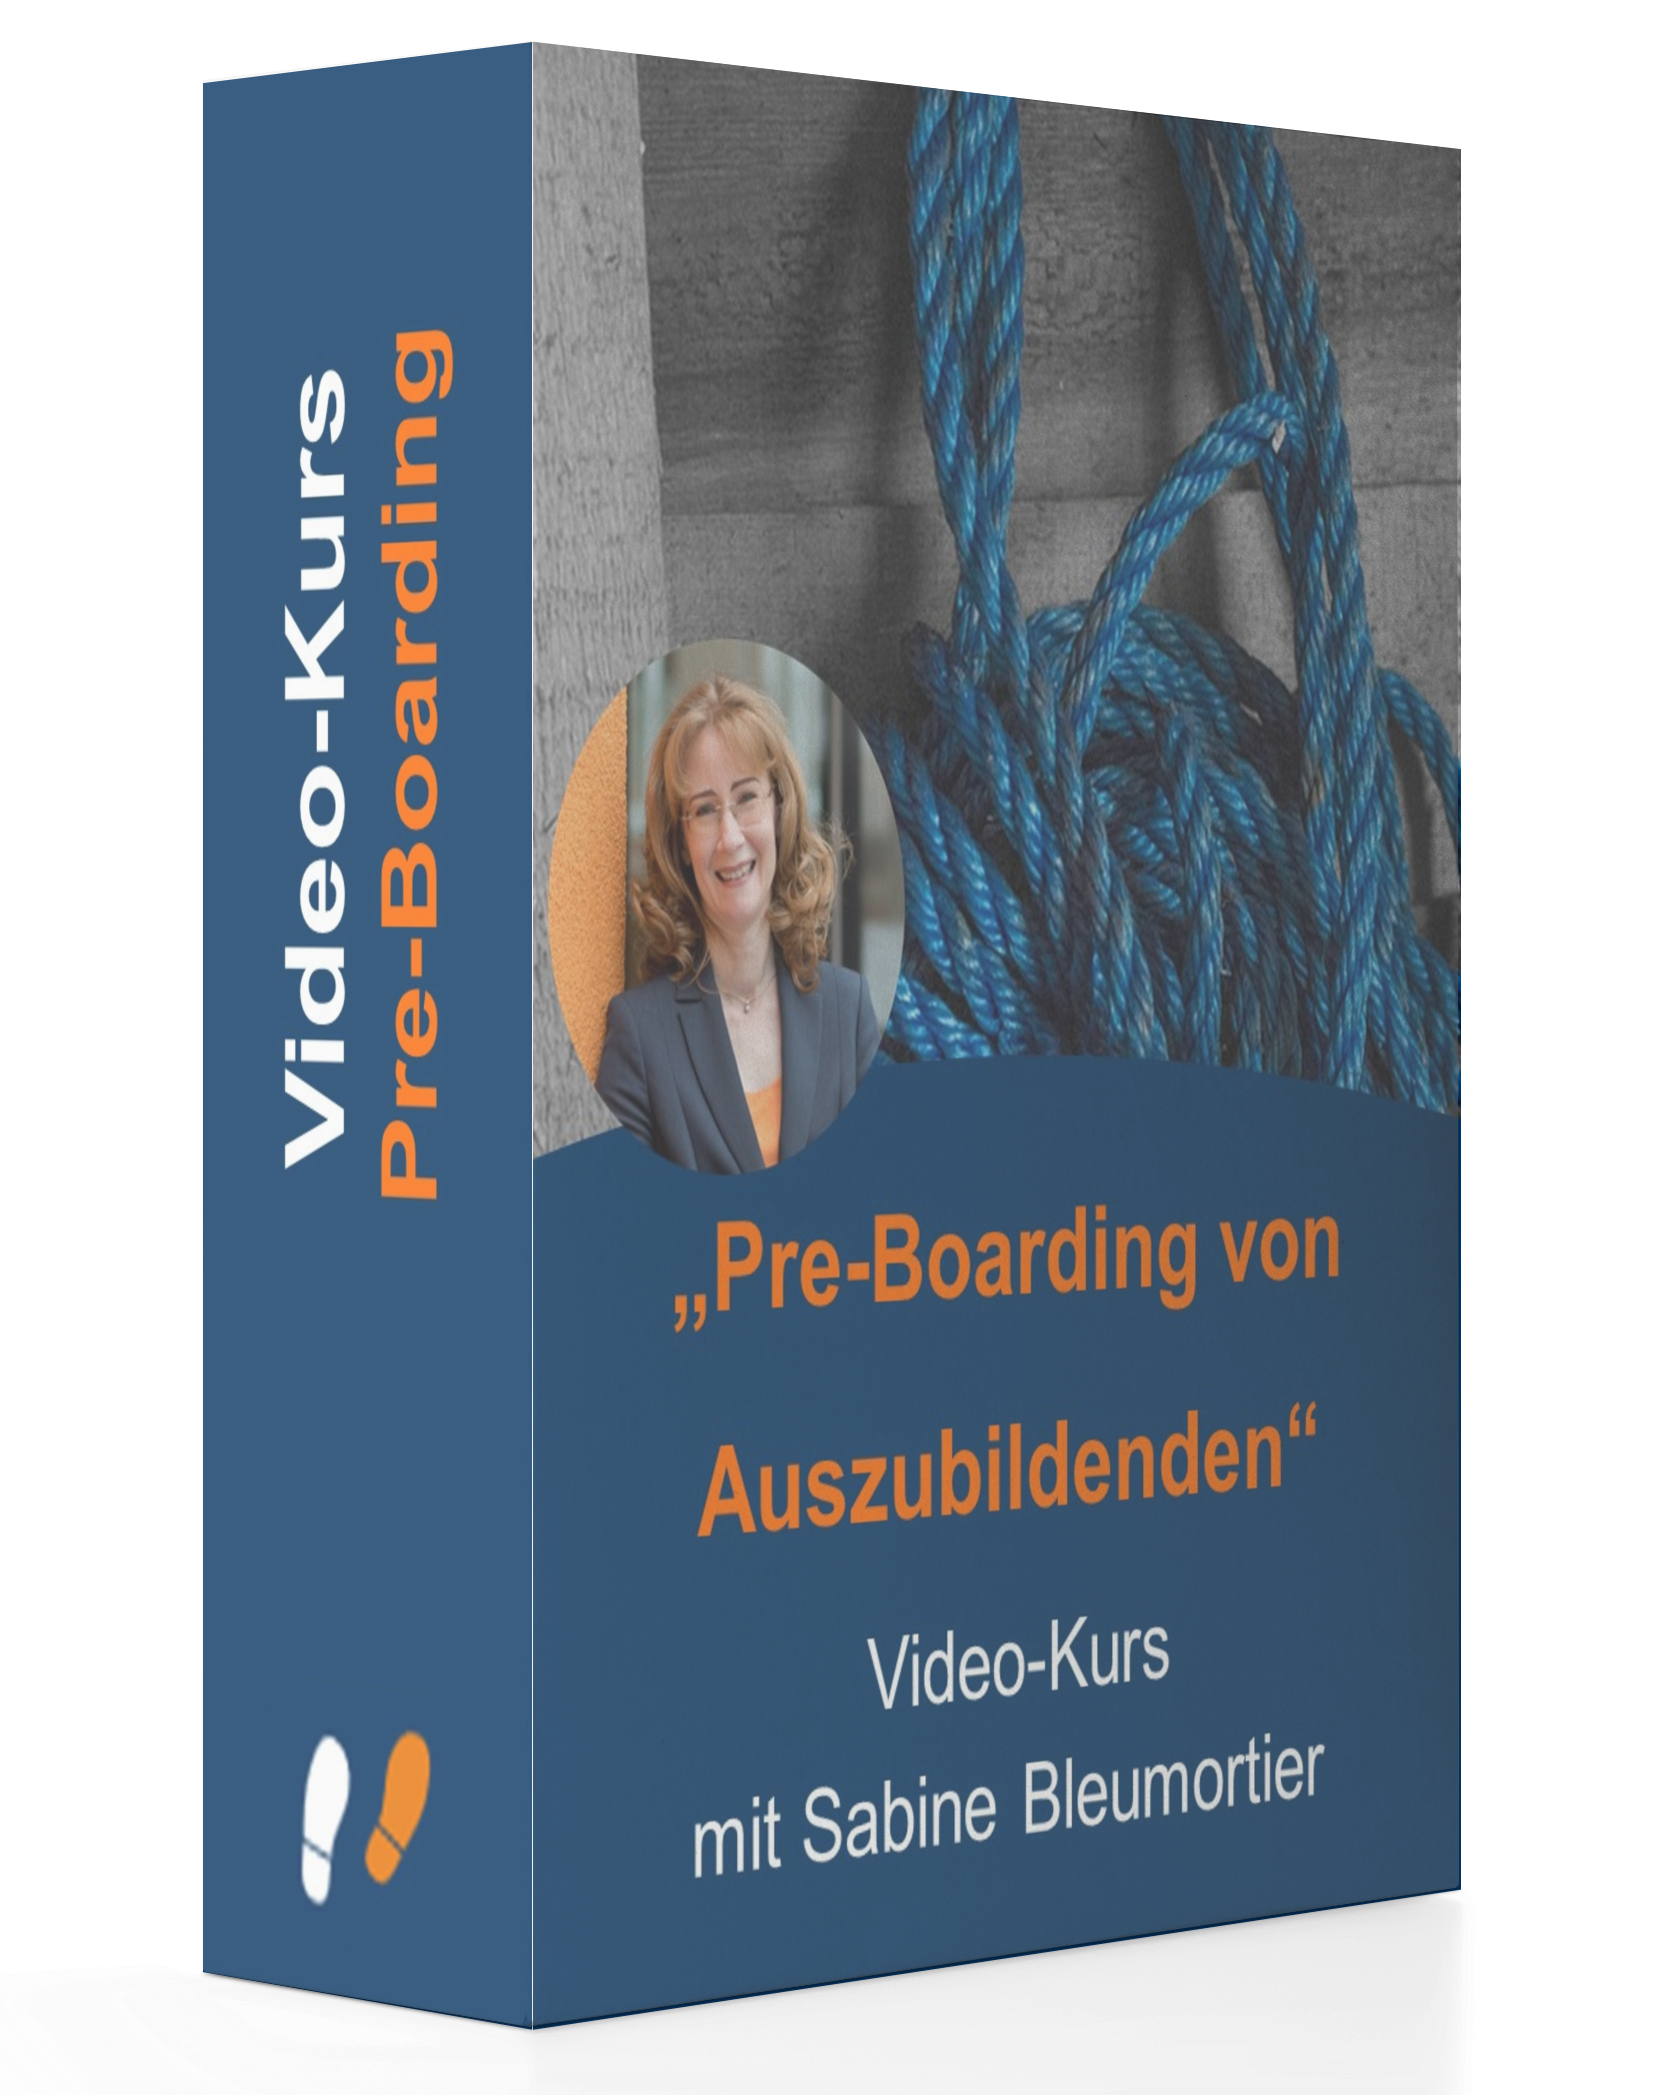 Video-Kurs Pre-Boarding von Auszubildenden